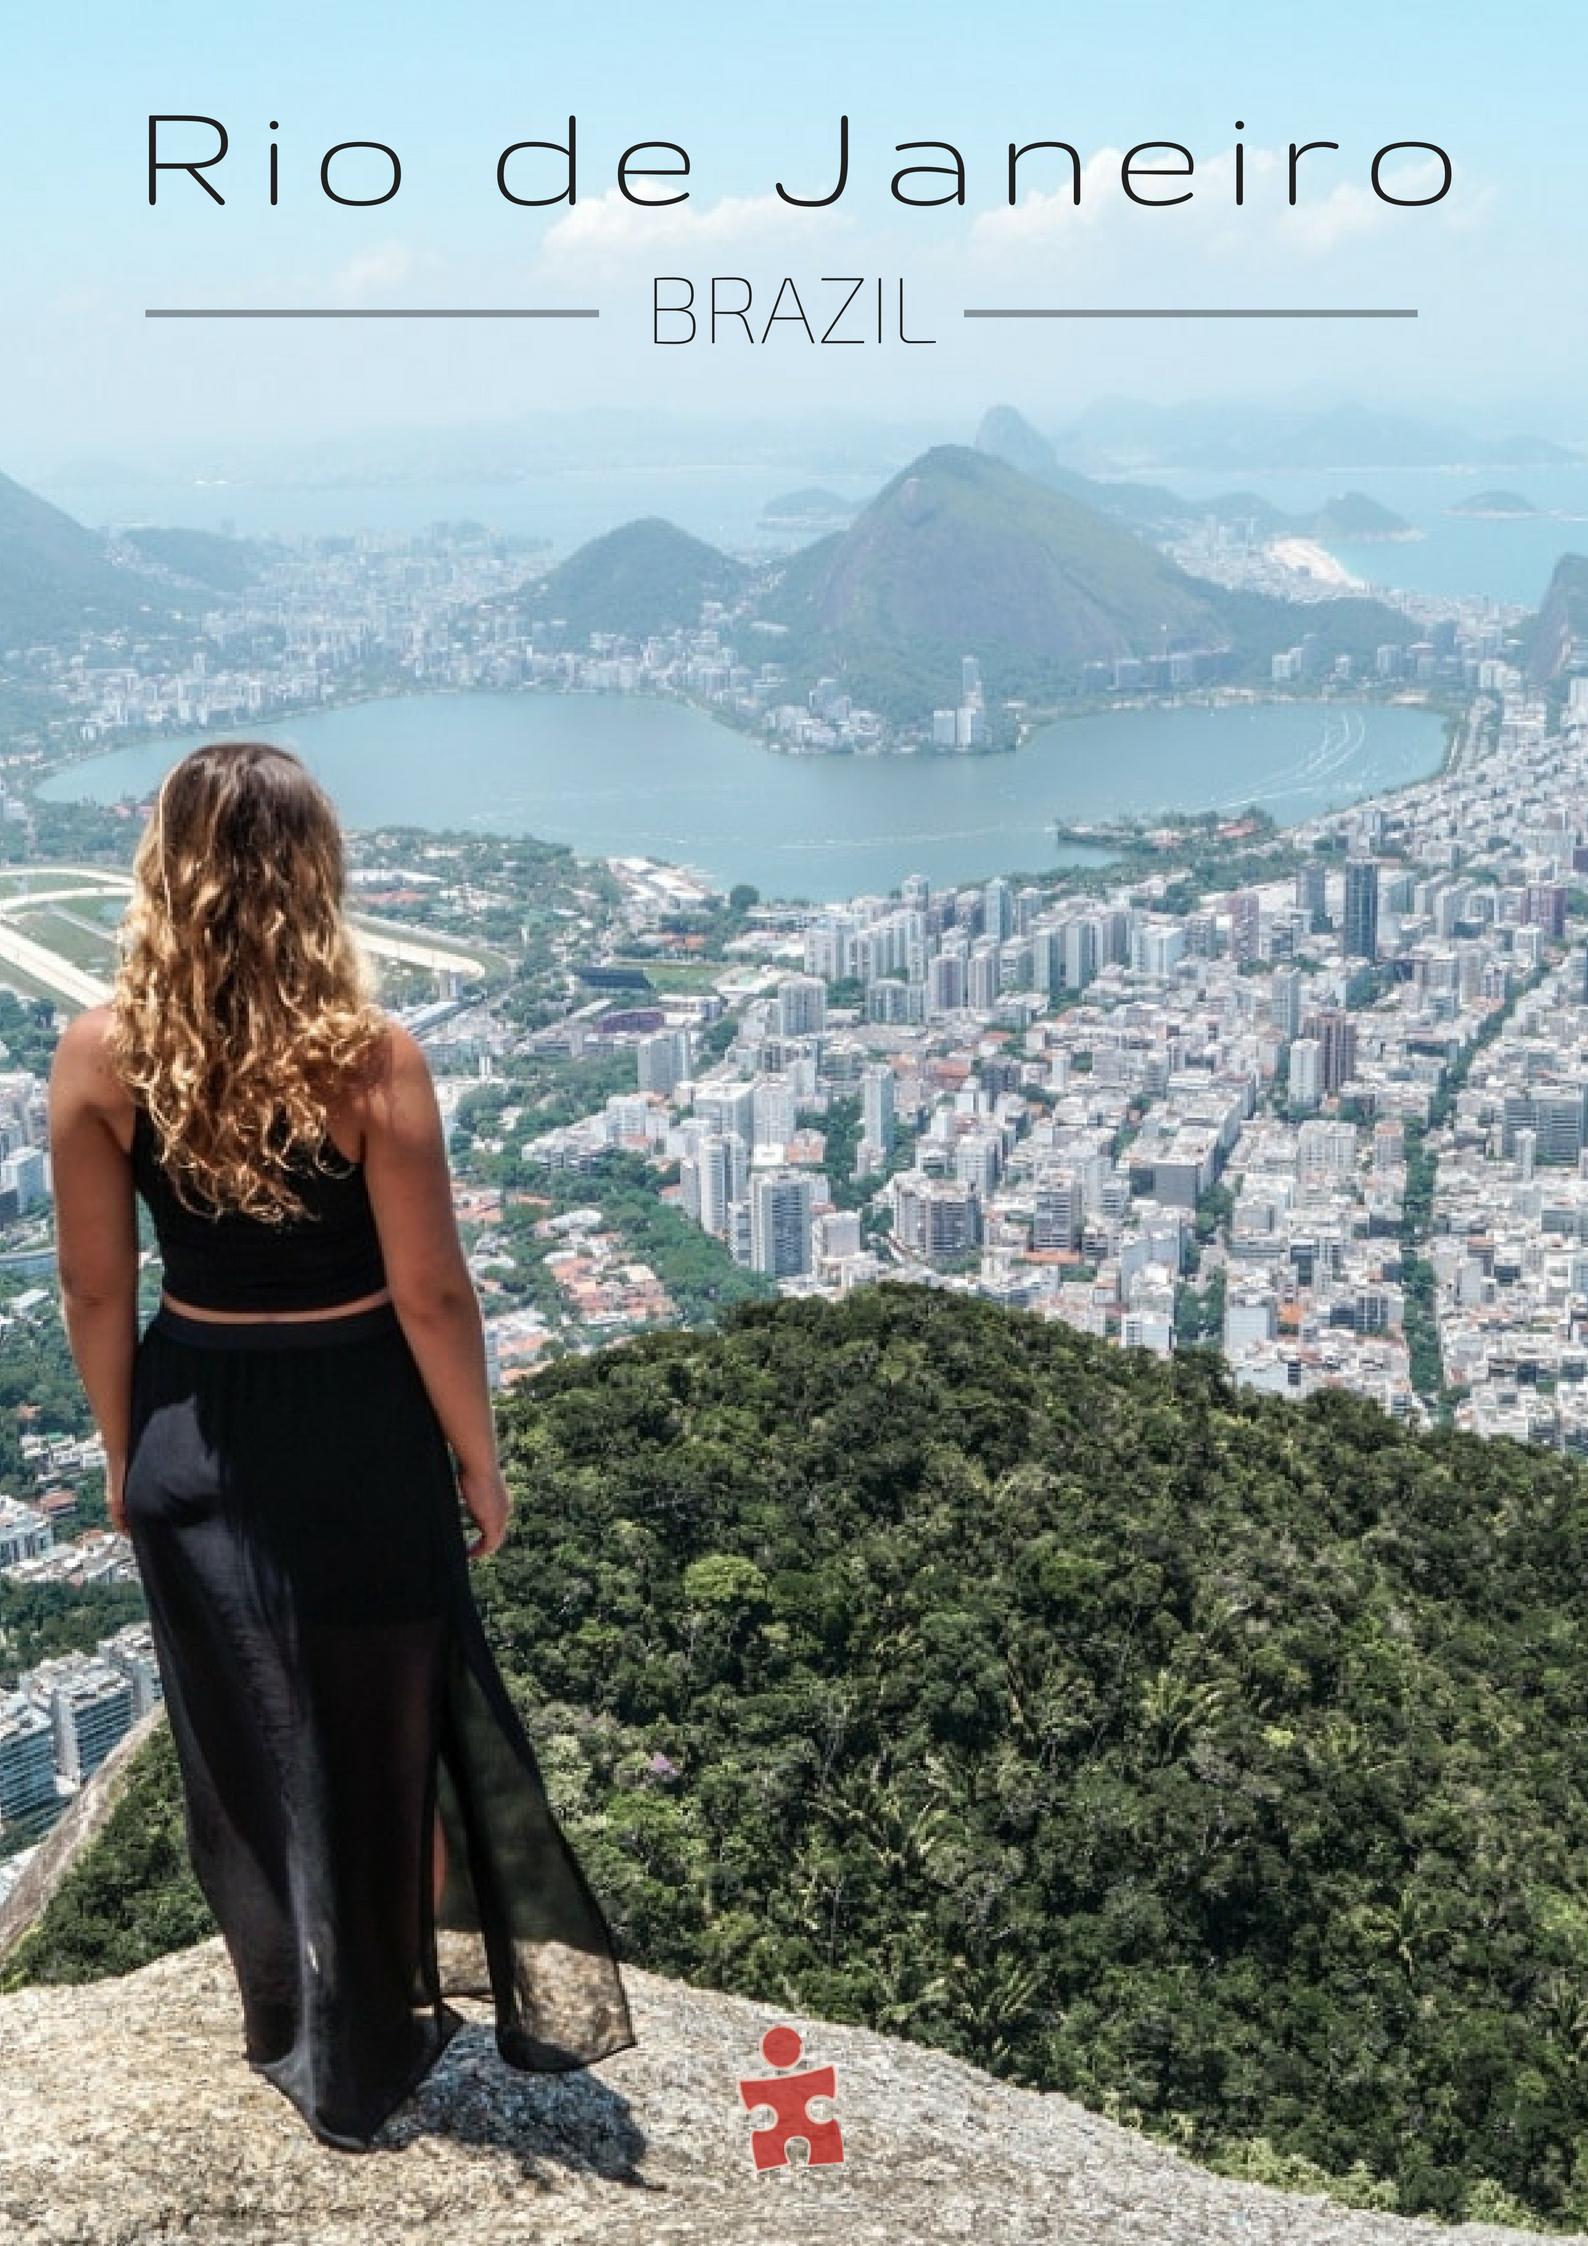 Rio De Janeiro Brasiliens Metropole Nummer 1 Entdecken Sie Mit Uns Den Zuckerhut Die Christus Statue Und Entspannen An De Brasilien Reisen Brasilien Reisen